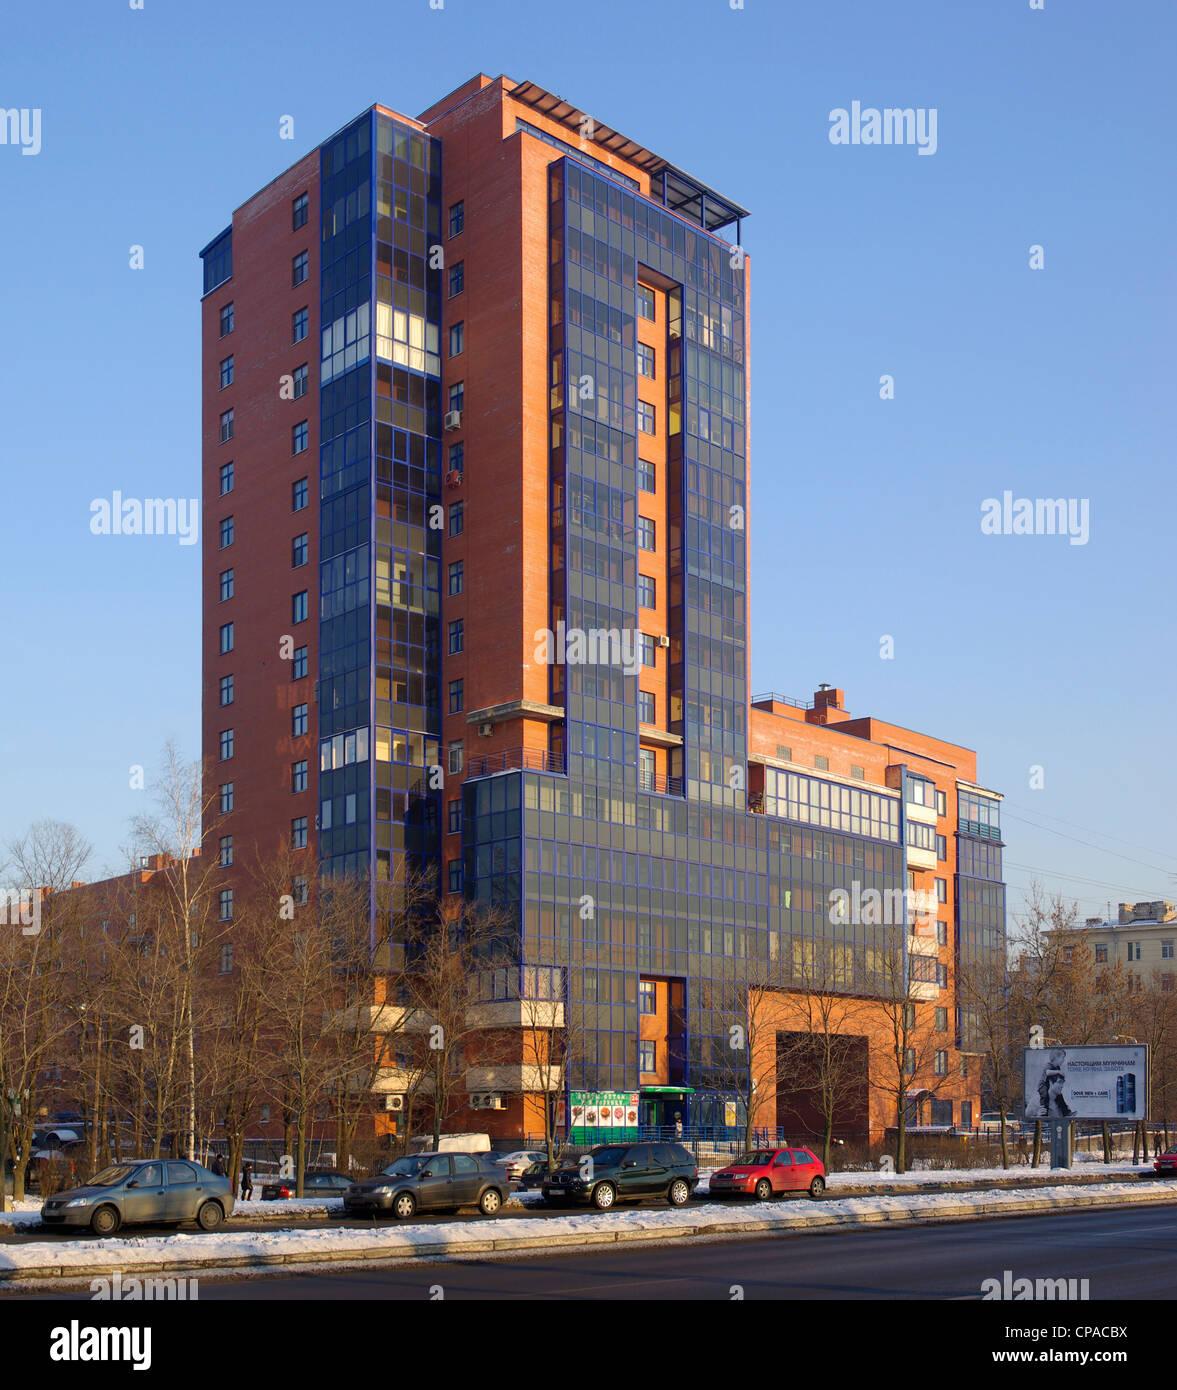 House Nesvitskaya on Smolenskaya - Sennaya